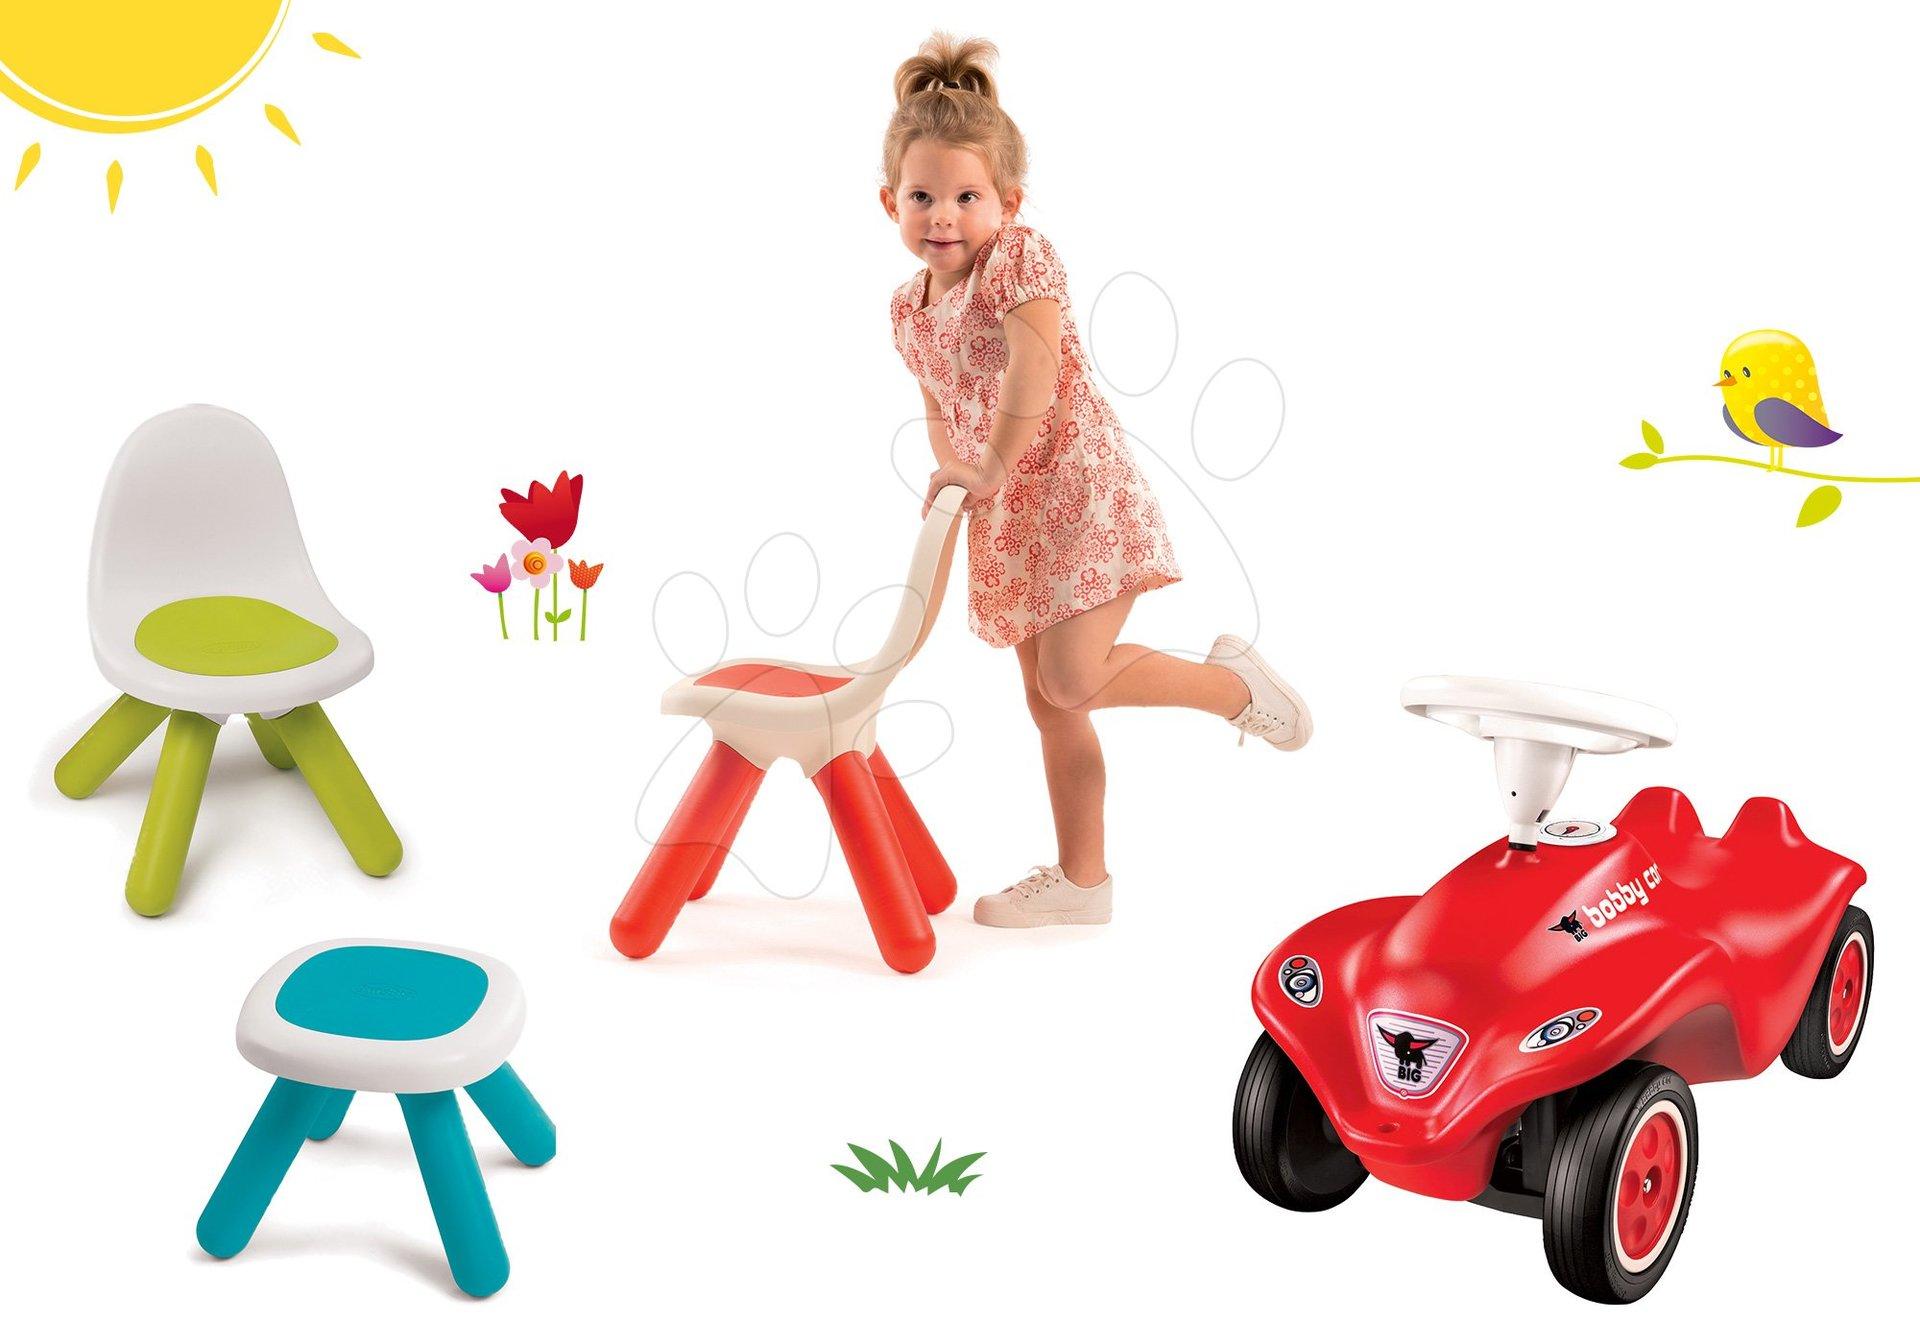 Smoby set dětský stůl Kidstool Smoby a 2 židle KidChair a odrážedlo New Bobby s klaksonem 880200A-12